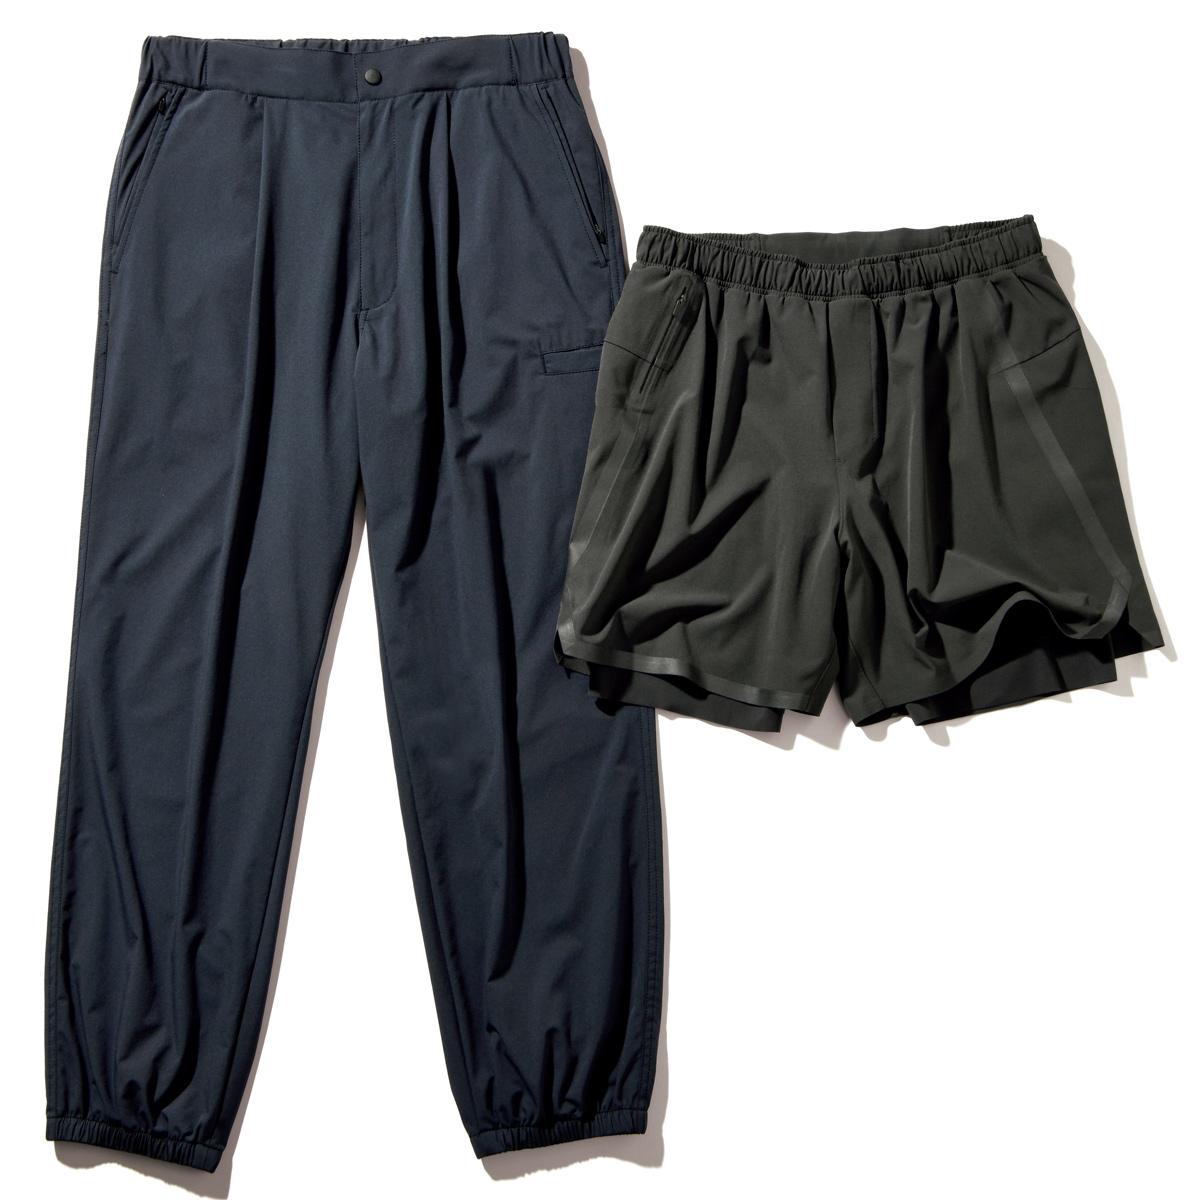 【マッツ・ミケルセンほか】もちろん楽だし軽快、かつ見た目も新鮮⁉ 移動用パンツが 一気にシャカシャ化!